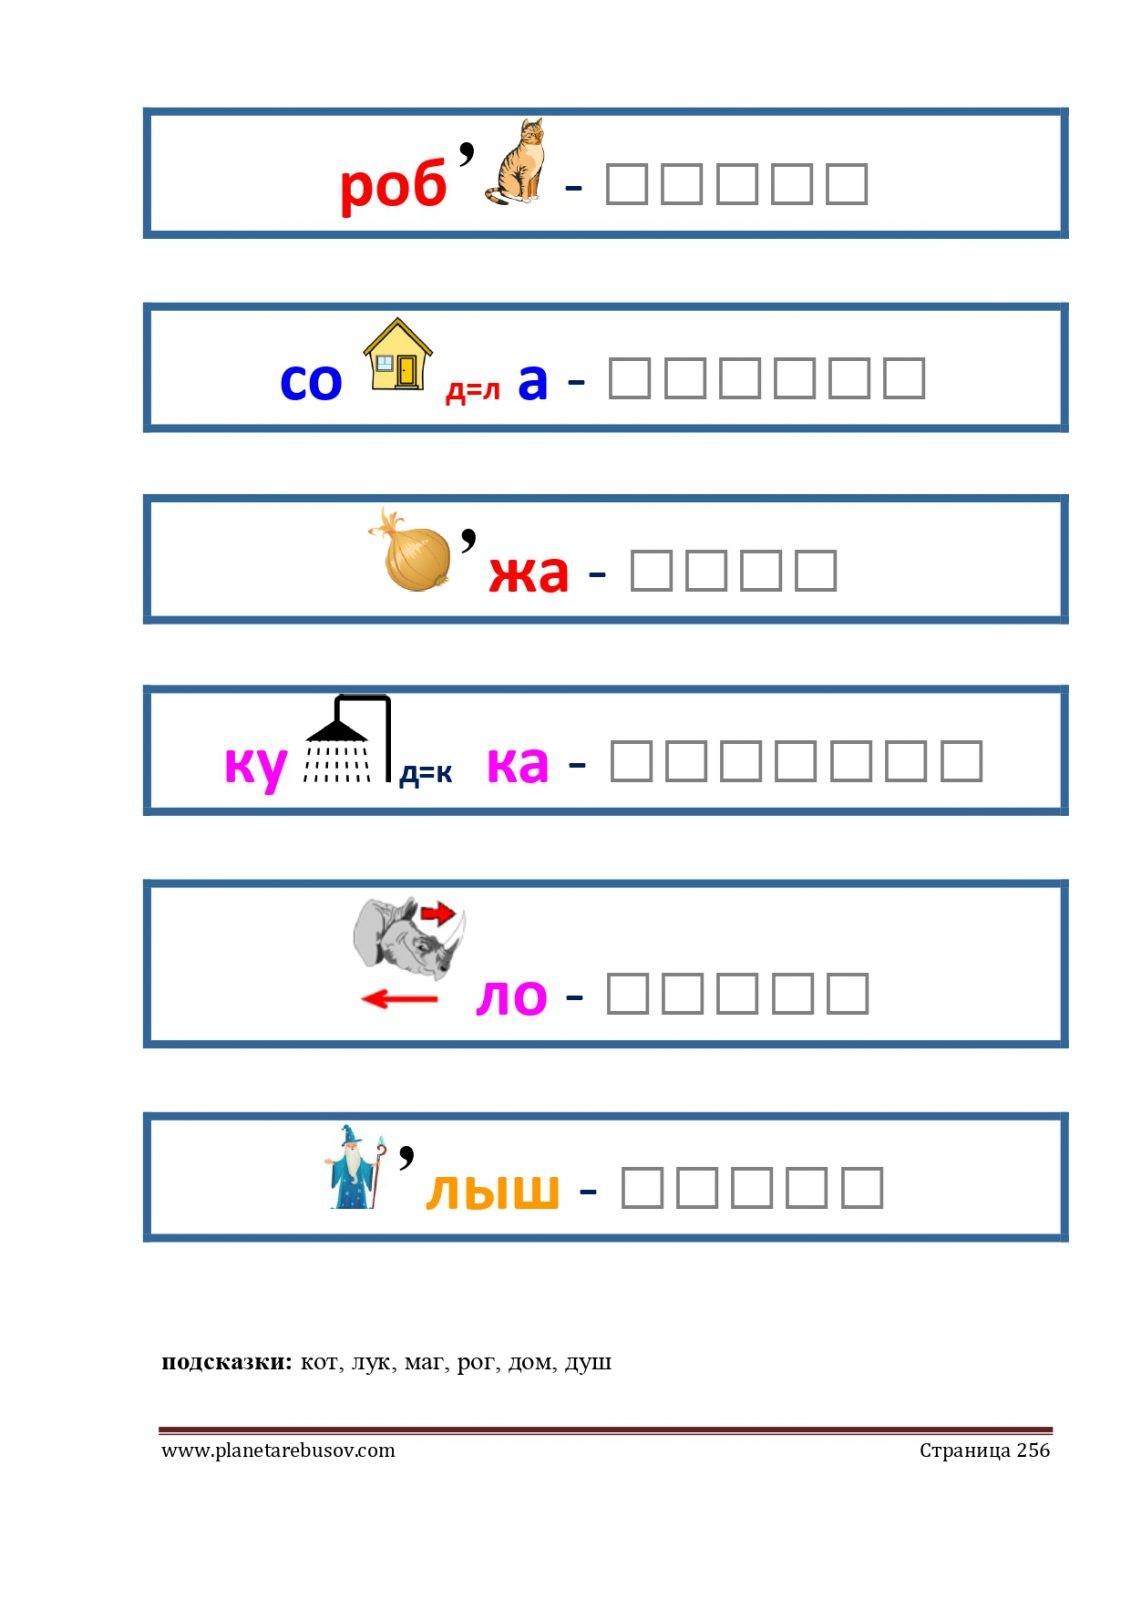 Ребусы: робот, лужа, малыш, горло, солома, кукушка